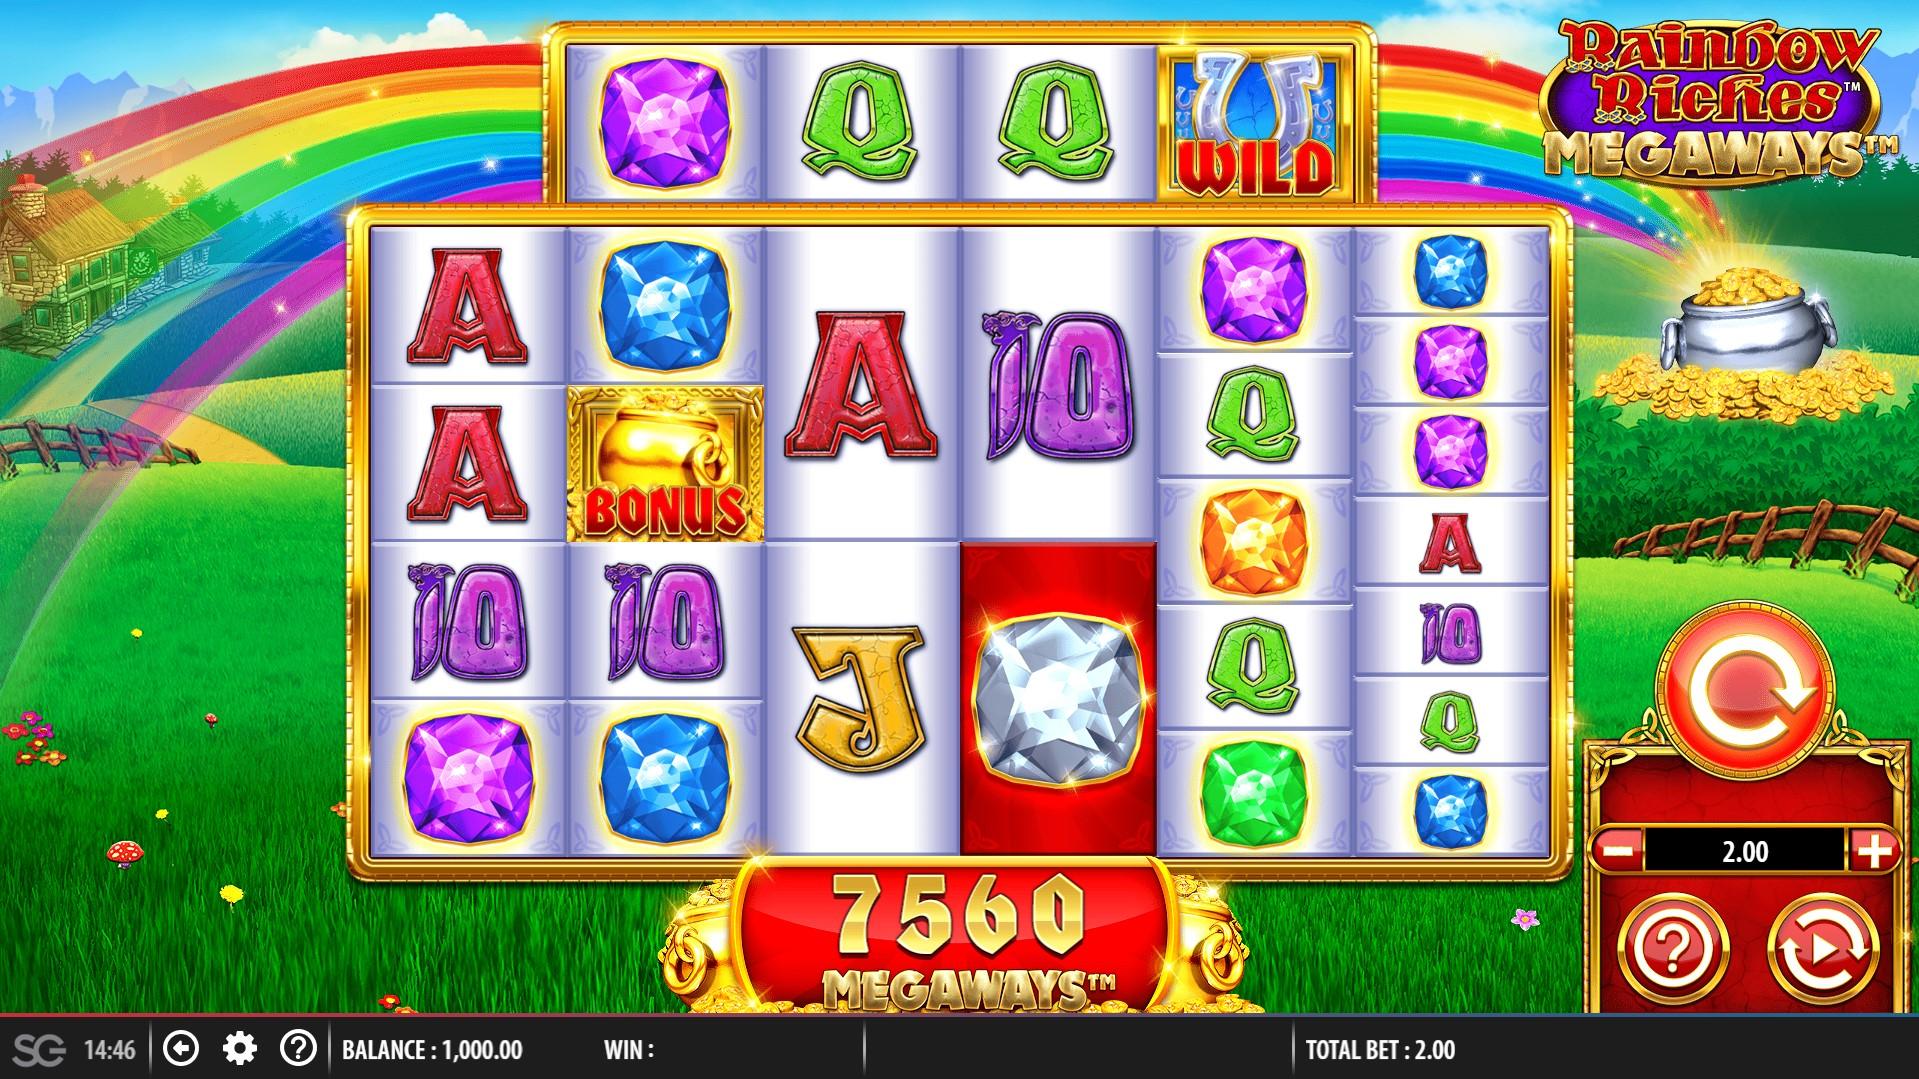 Spiele Rainbow Riches Megaways - Video Slots Online